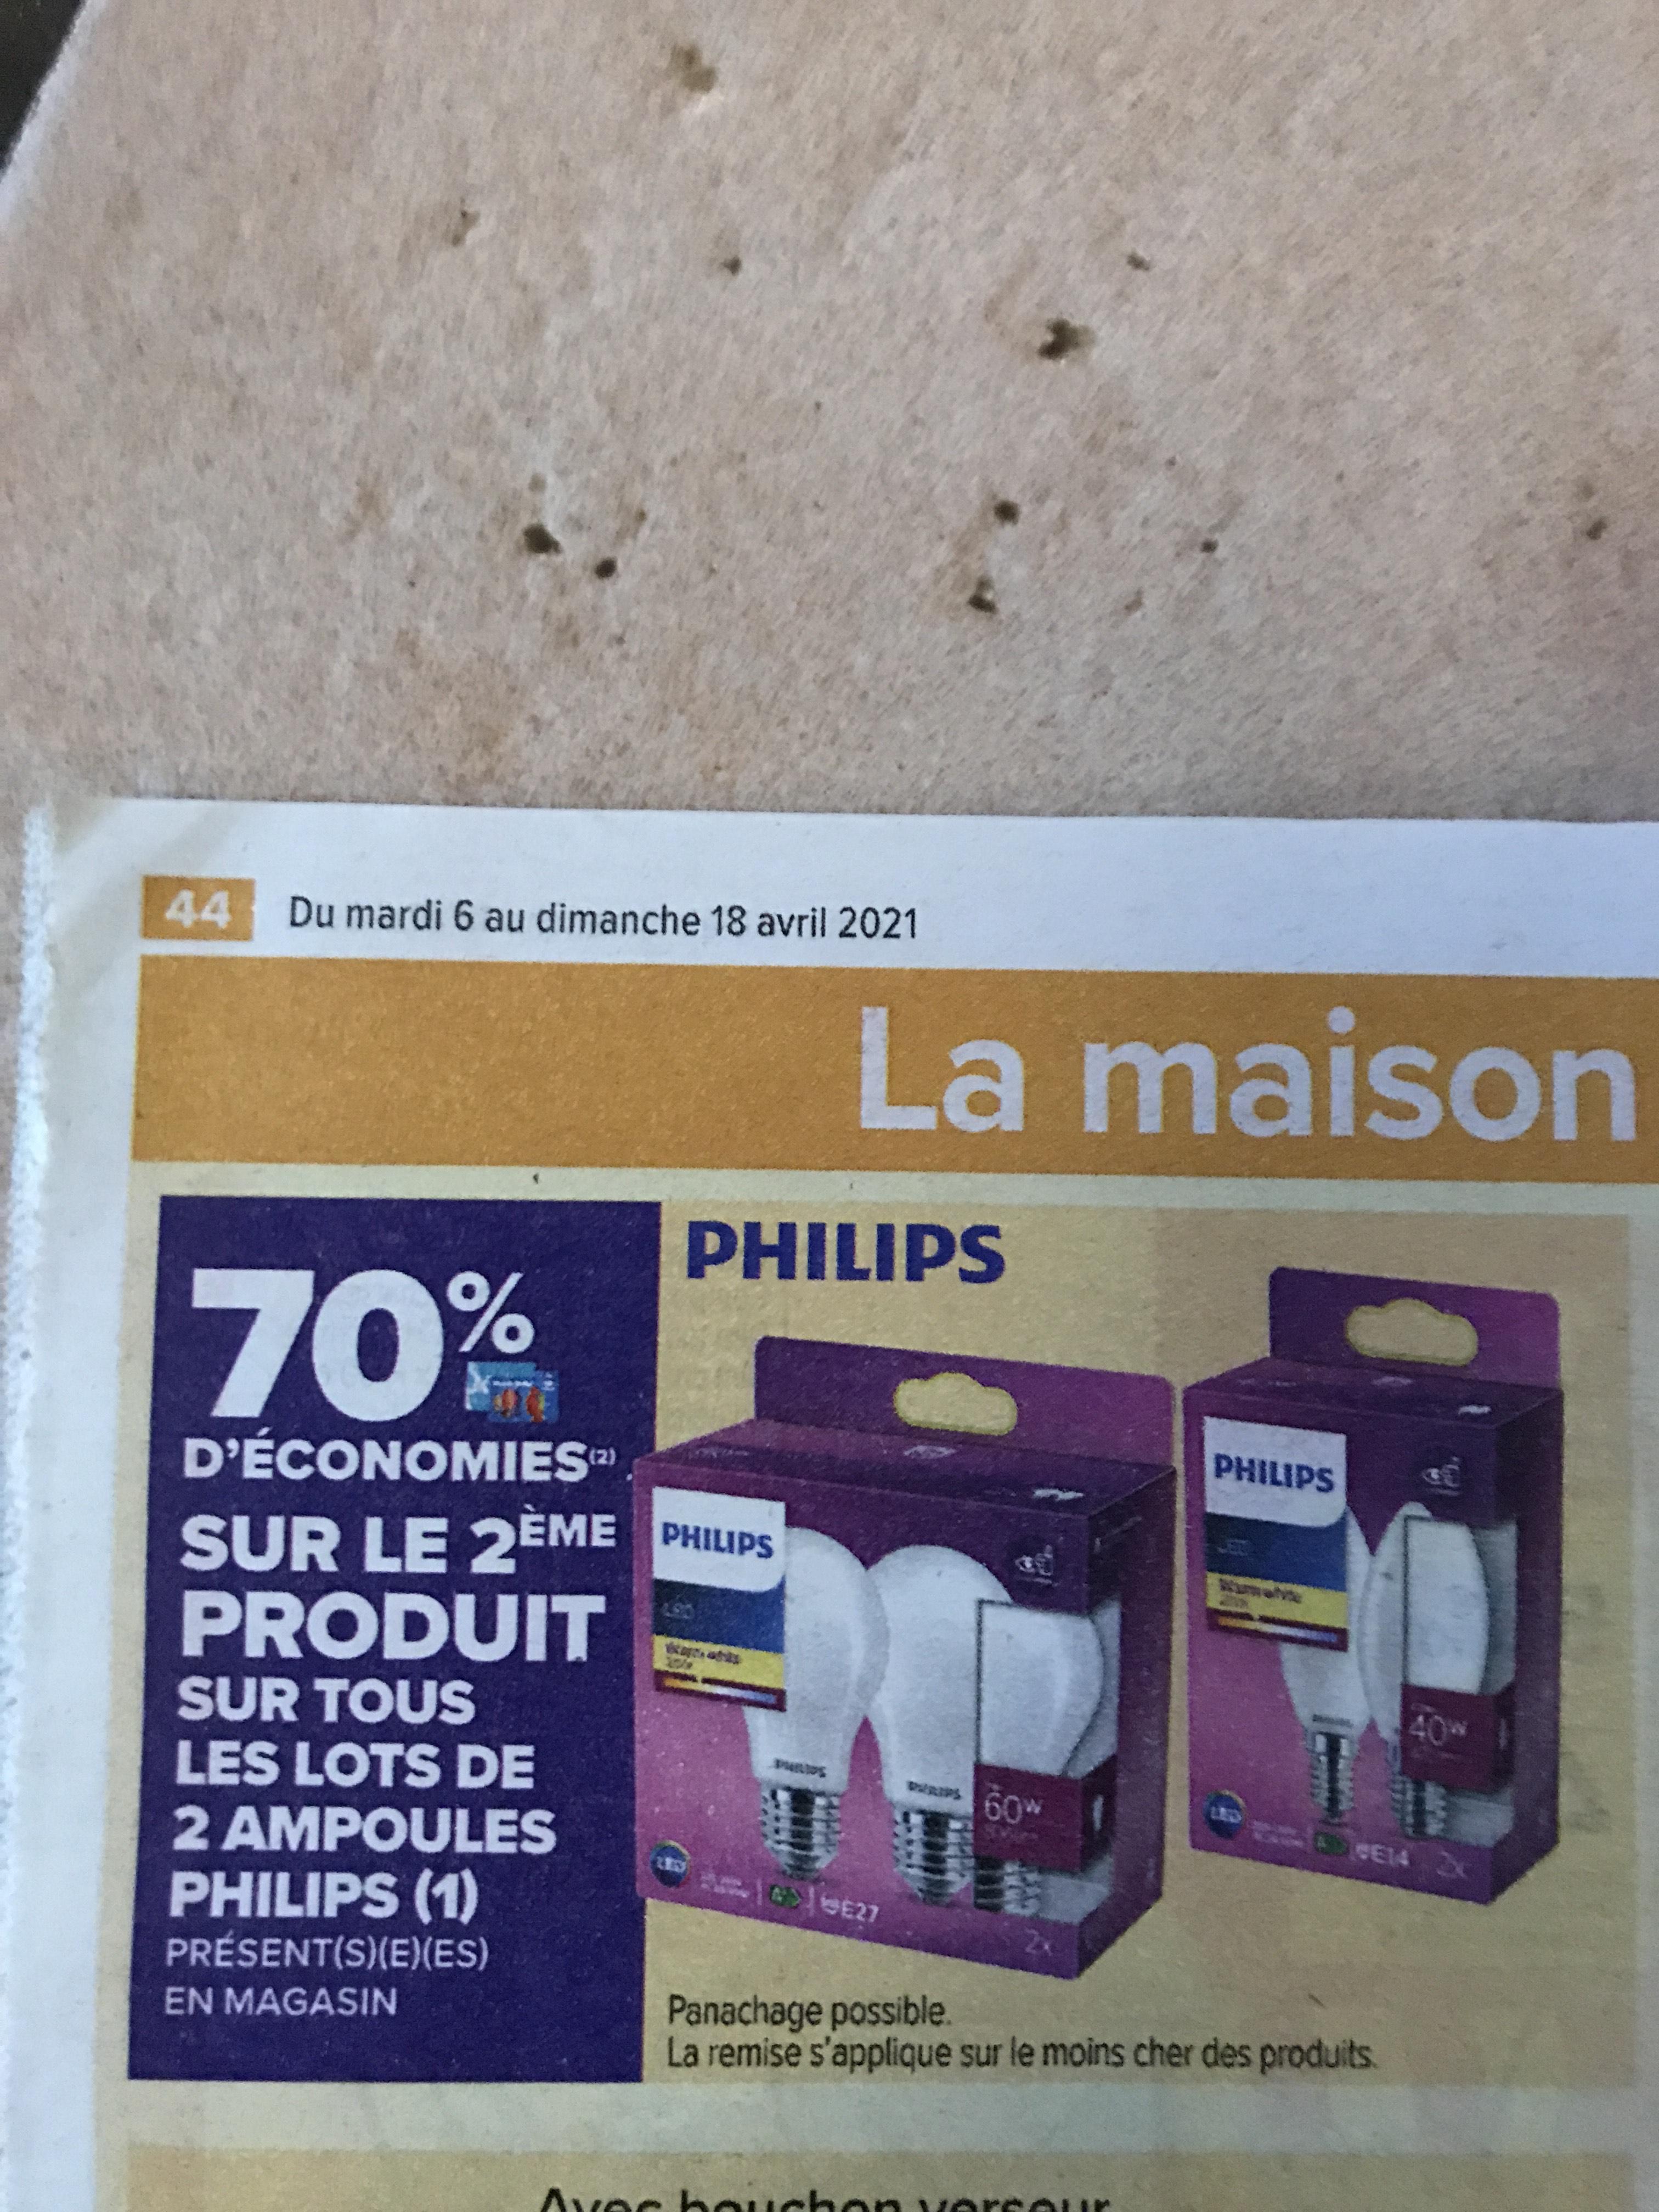 70% crédités sur la carte fidélité sur le 2ème produit sur les lots de 2 ampoules Philips